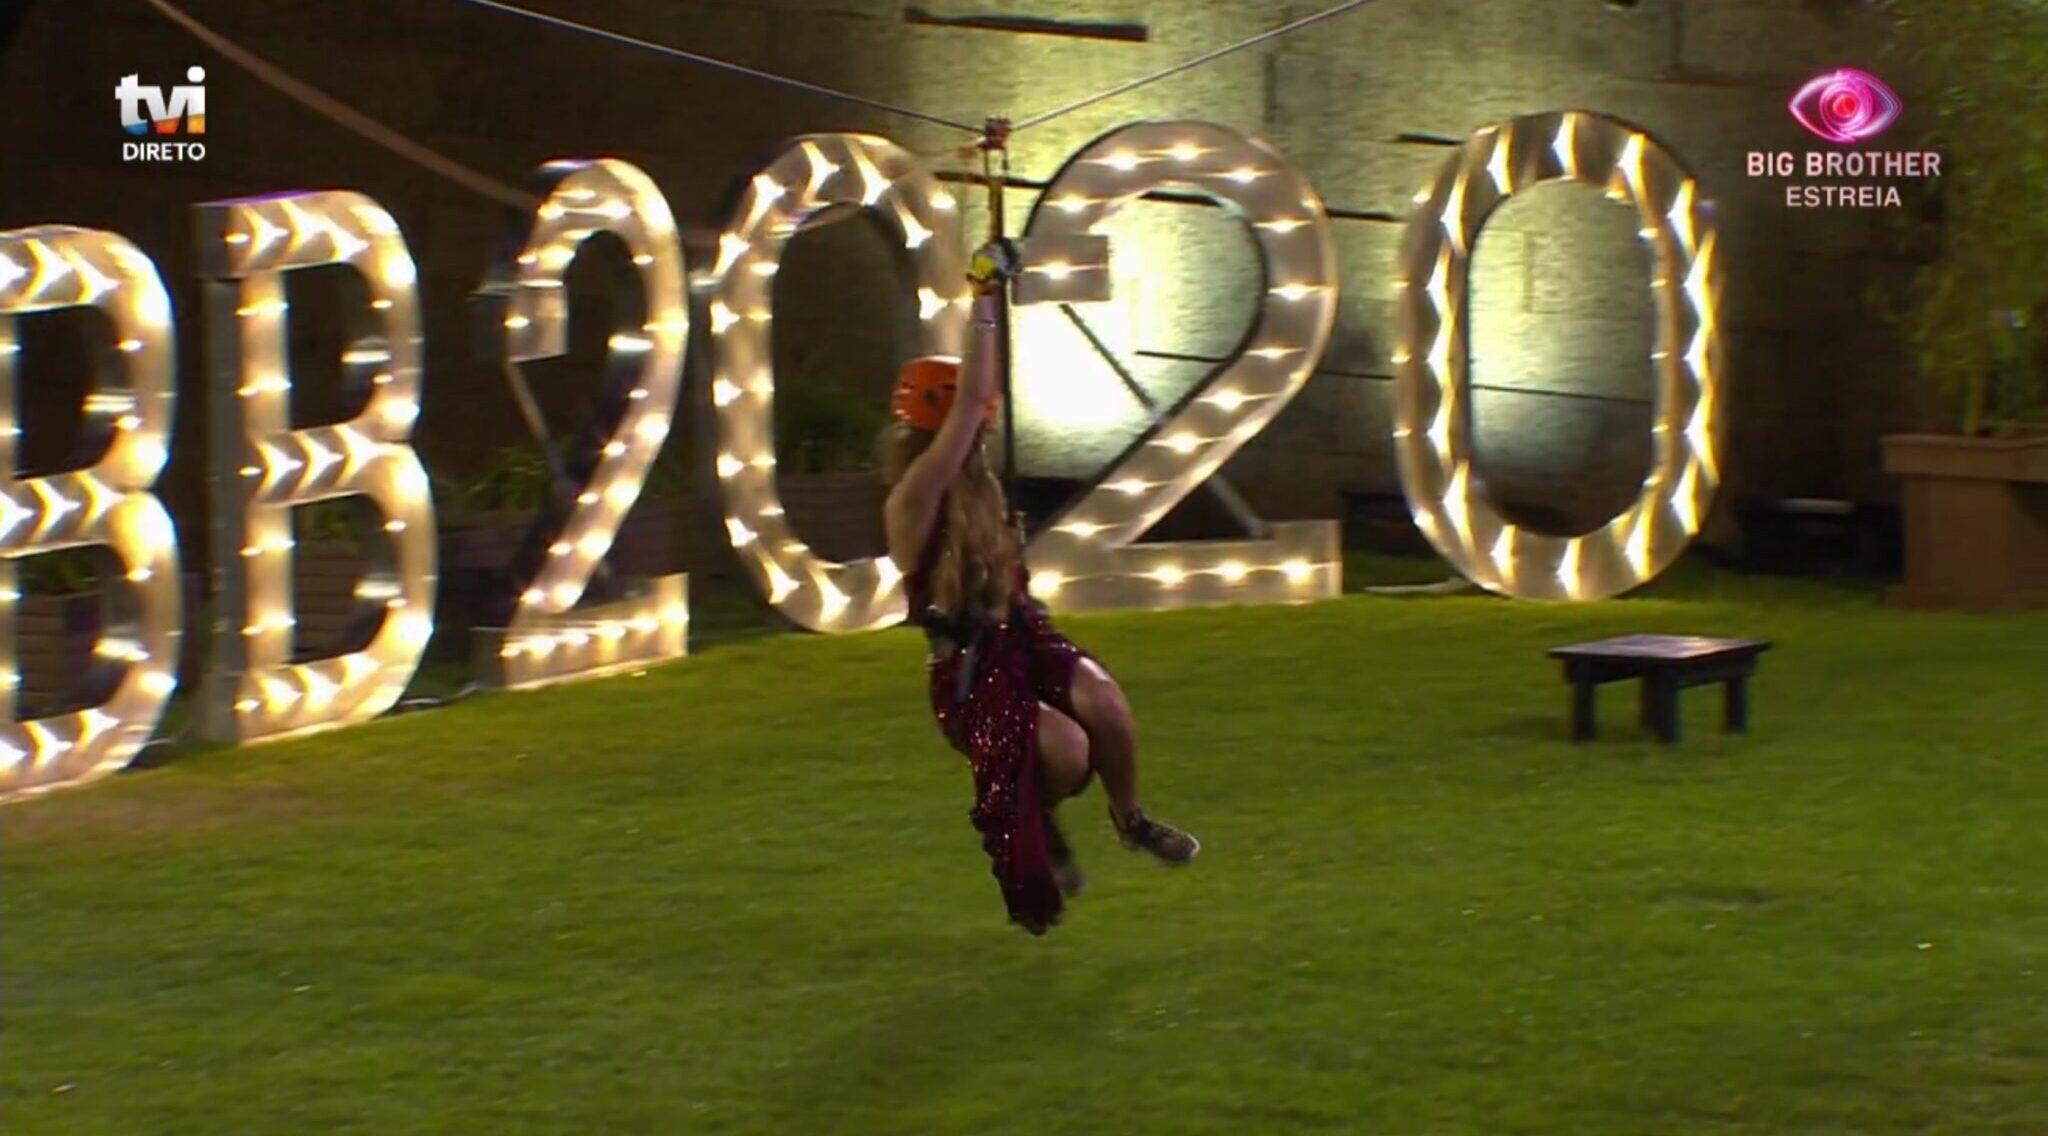 Iury Entrada Big Brother 2020 Iury 2 Scaled E1589144423427 Big Brother 2020. Concorrentes Têm Entrada Brutal Na Casa